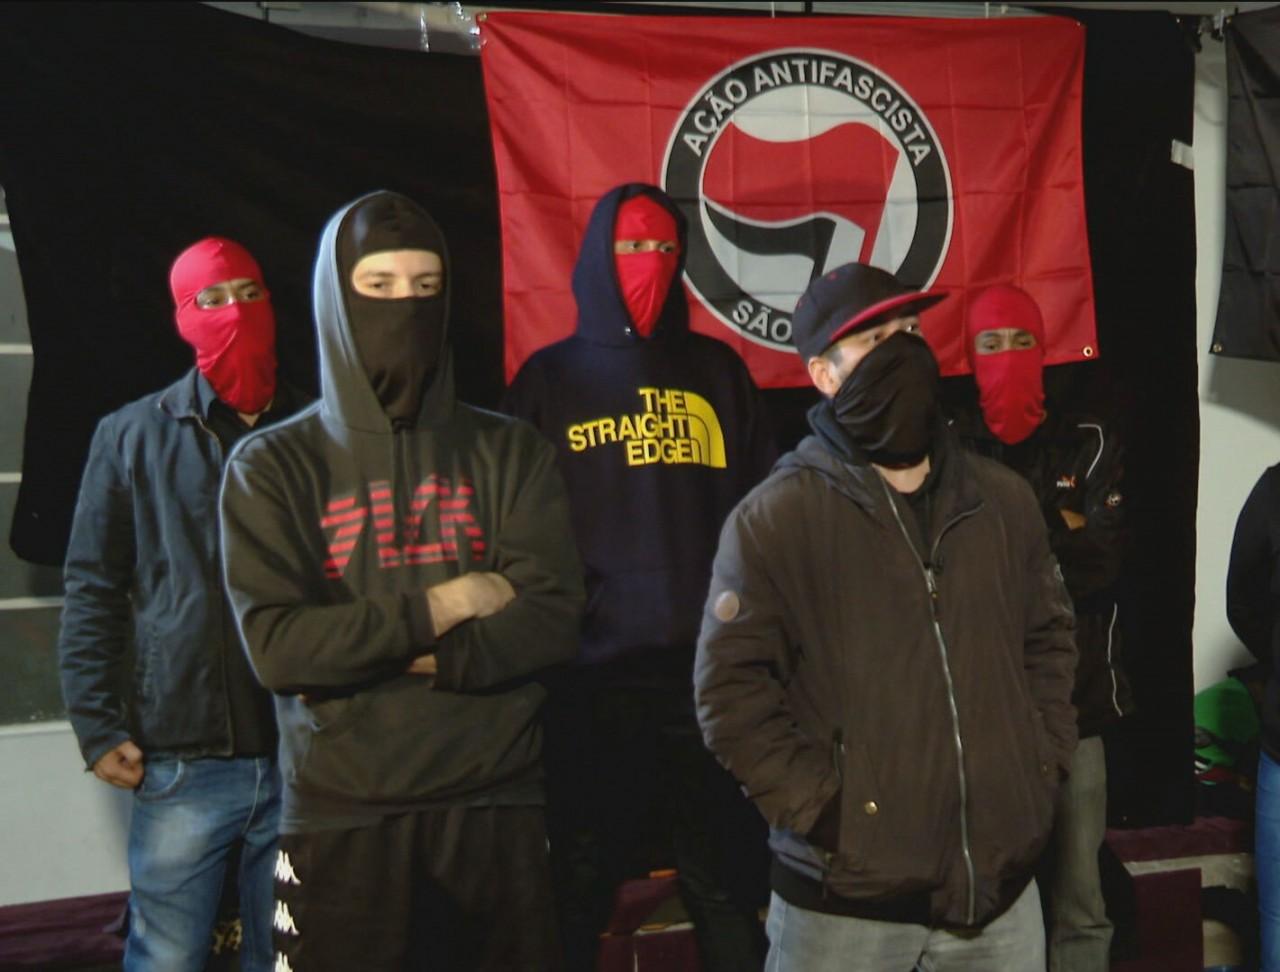 6491 A0DF9C266933EBFC - Em entrevista à CNN, 'Antifas' admitem usar violência em manifestações: 'Ato revolucionário'; VEJA VÍDEO